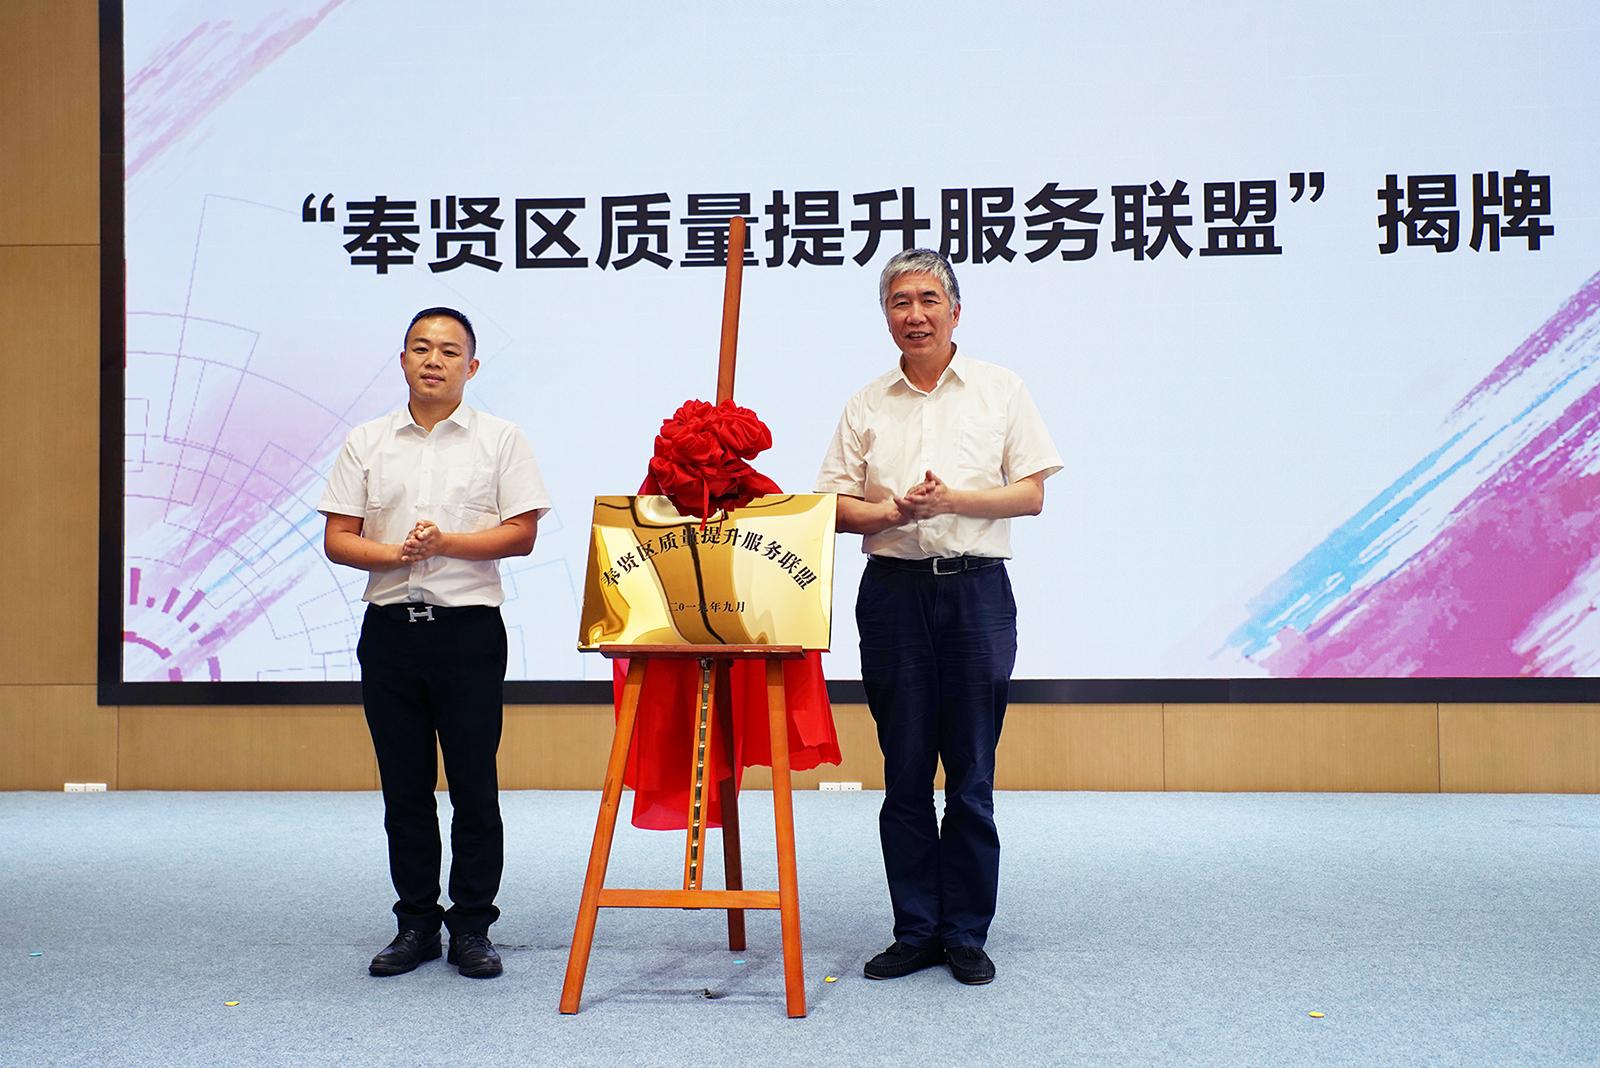 图为奉贤区质量提升服务联盟揭牌成立。